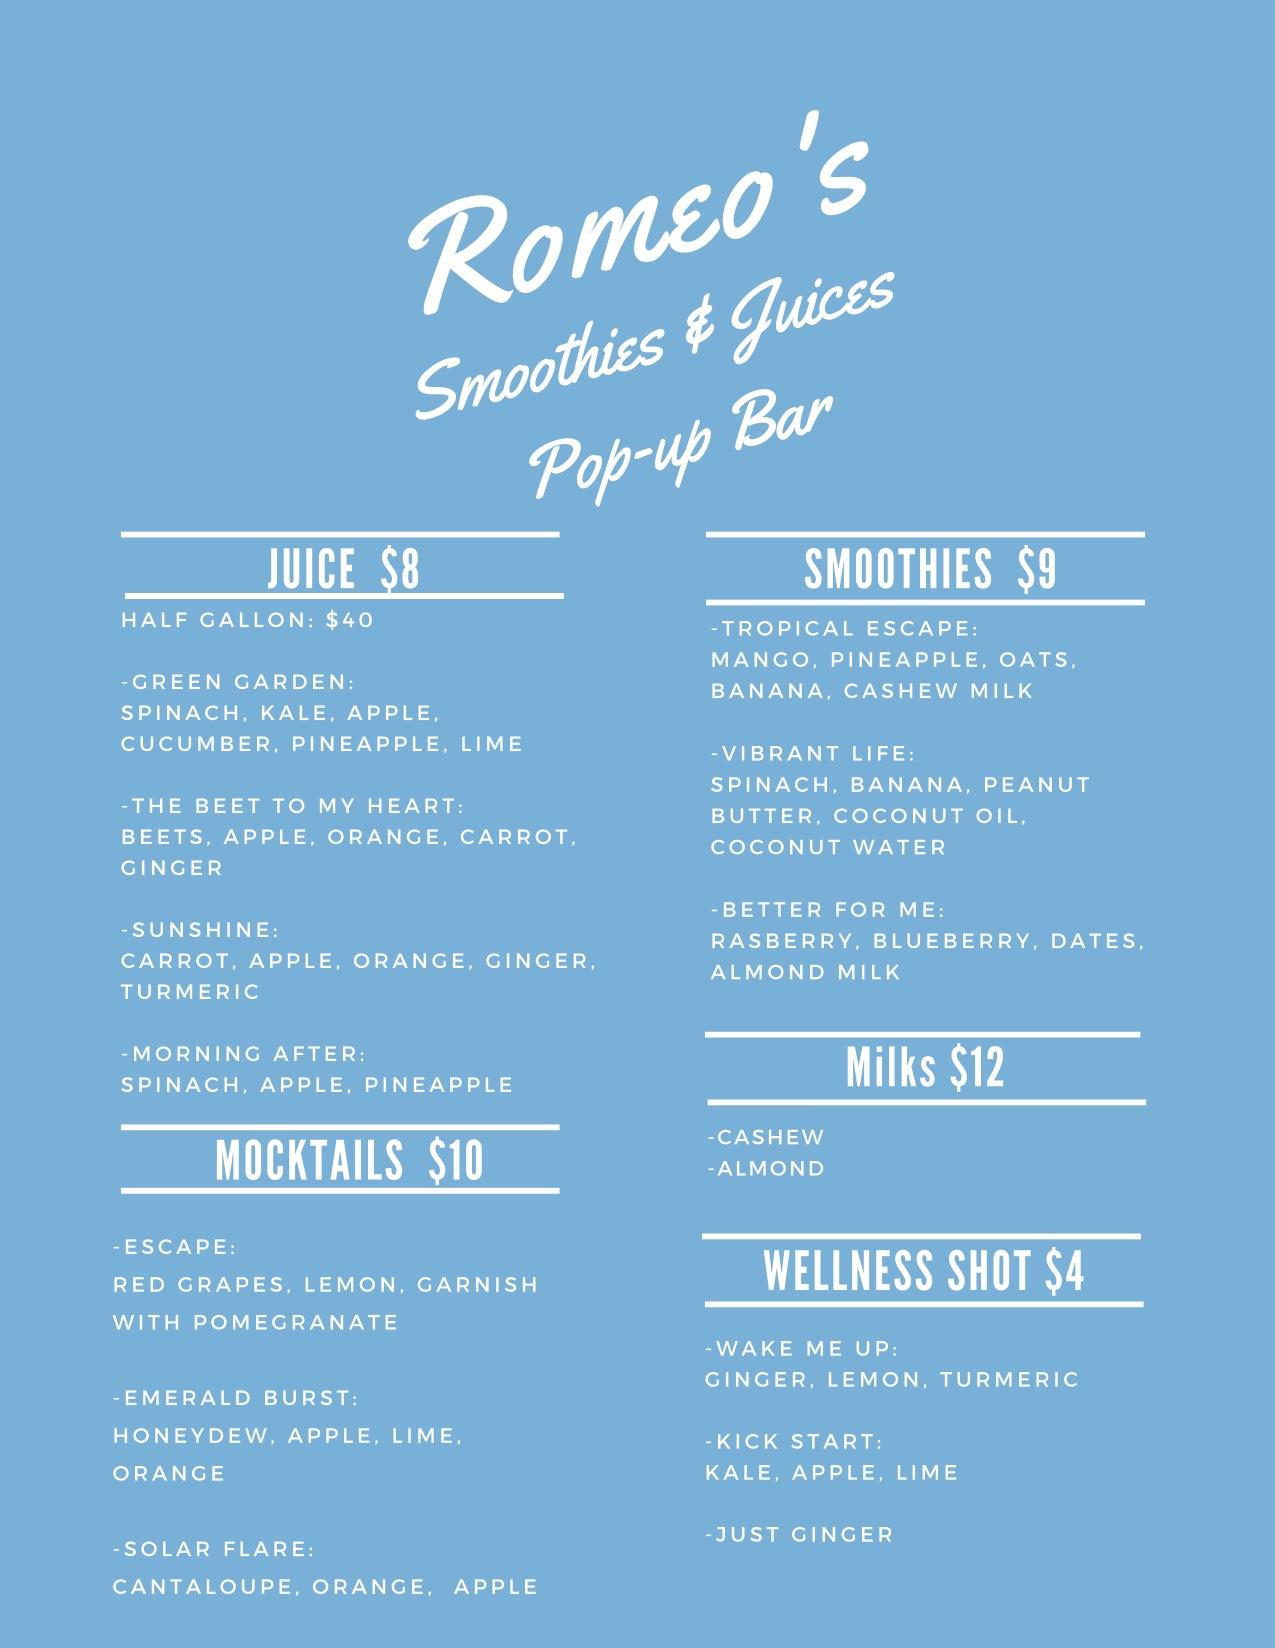 Romeos Smoothies